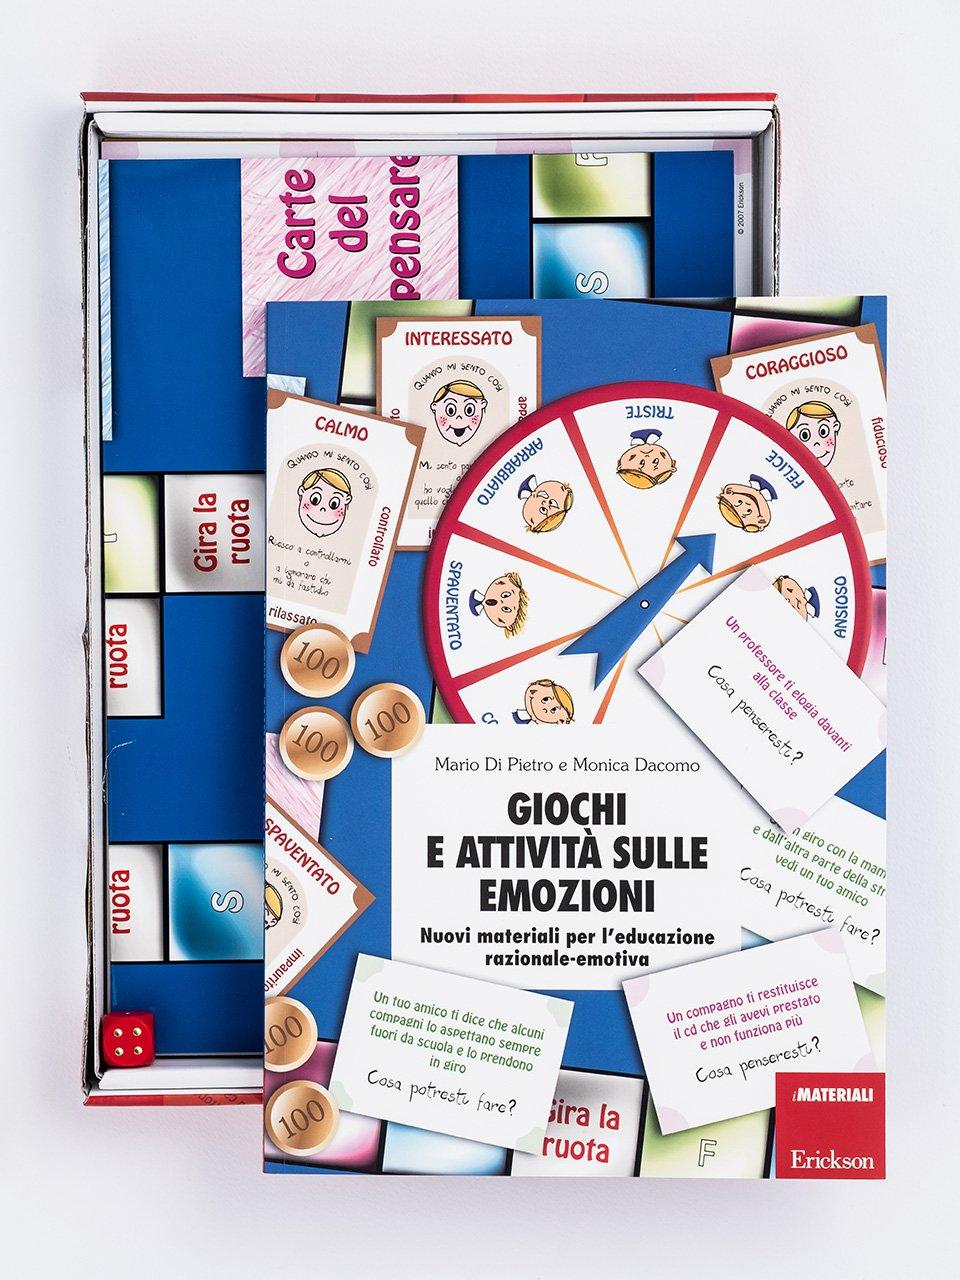 Giochi e attività sulle emozioni - La valigetta delle ricompense - Strumenti - Erickson